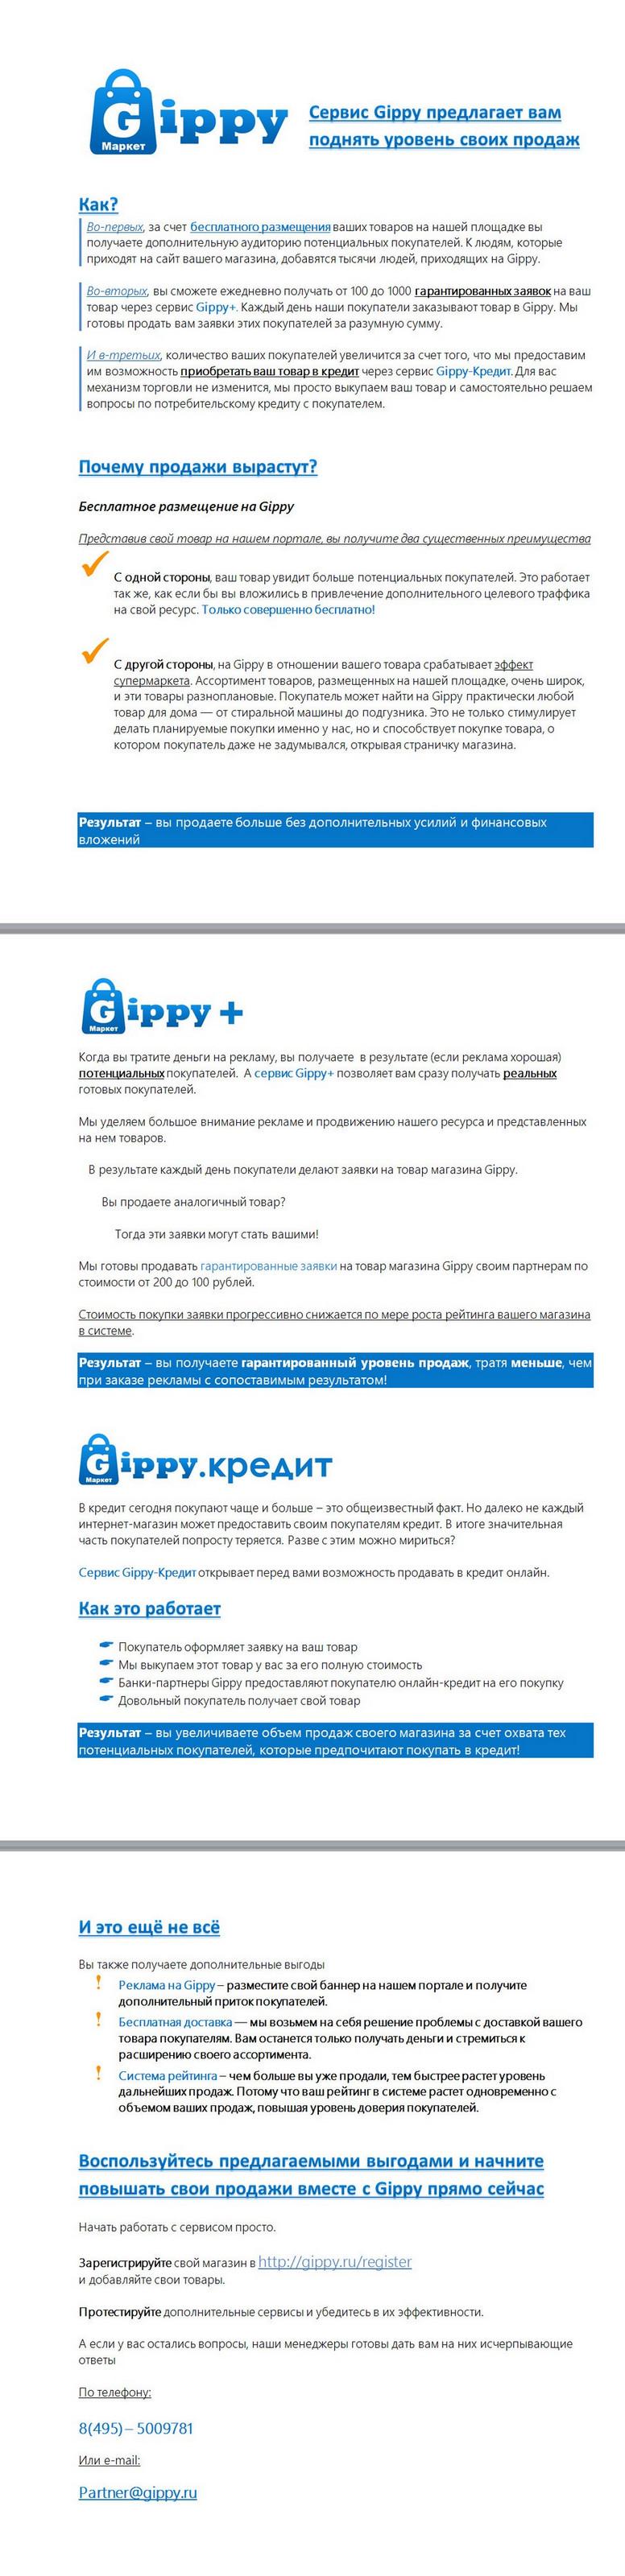 Коммерческое предложение сервиса GIPPY